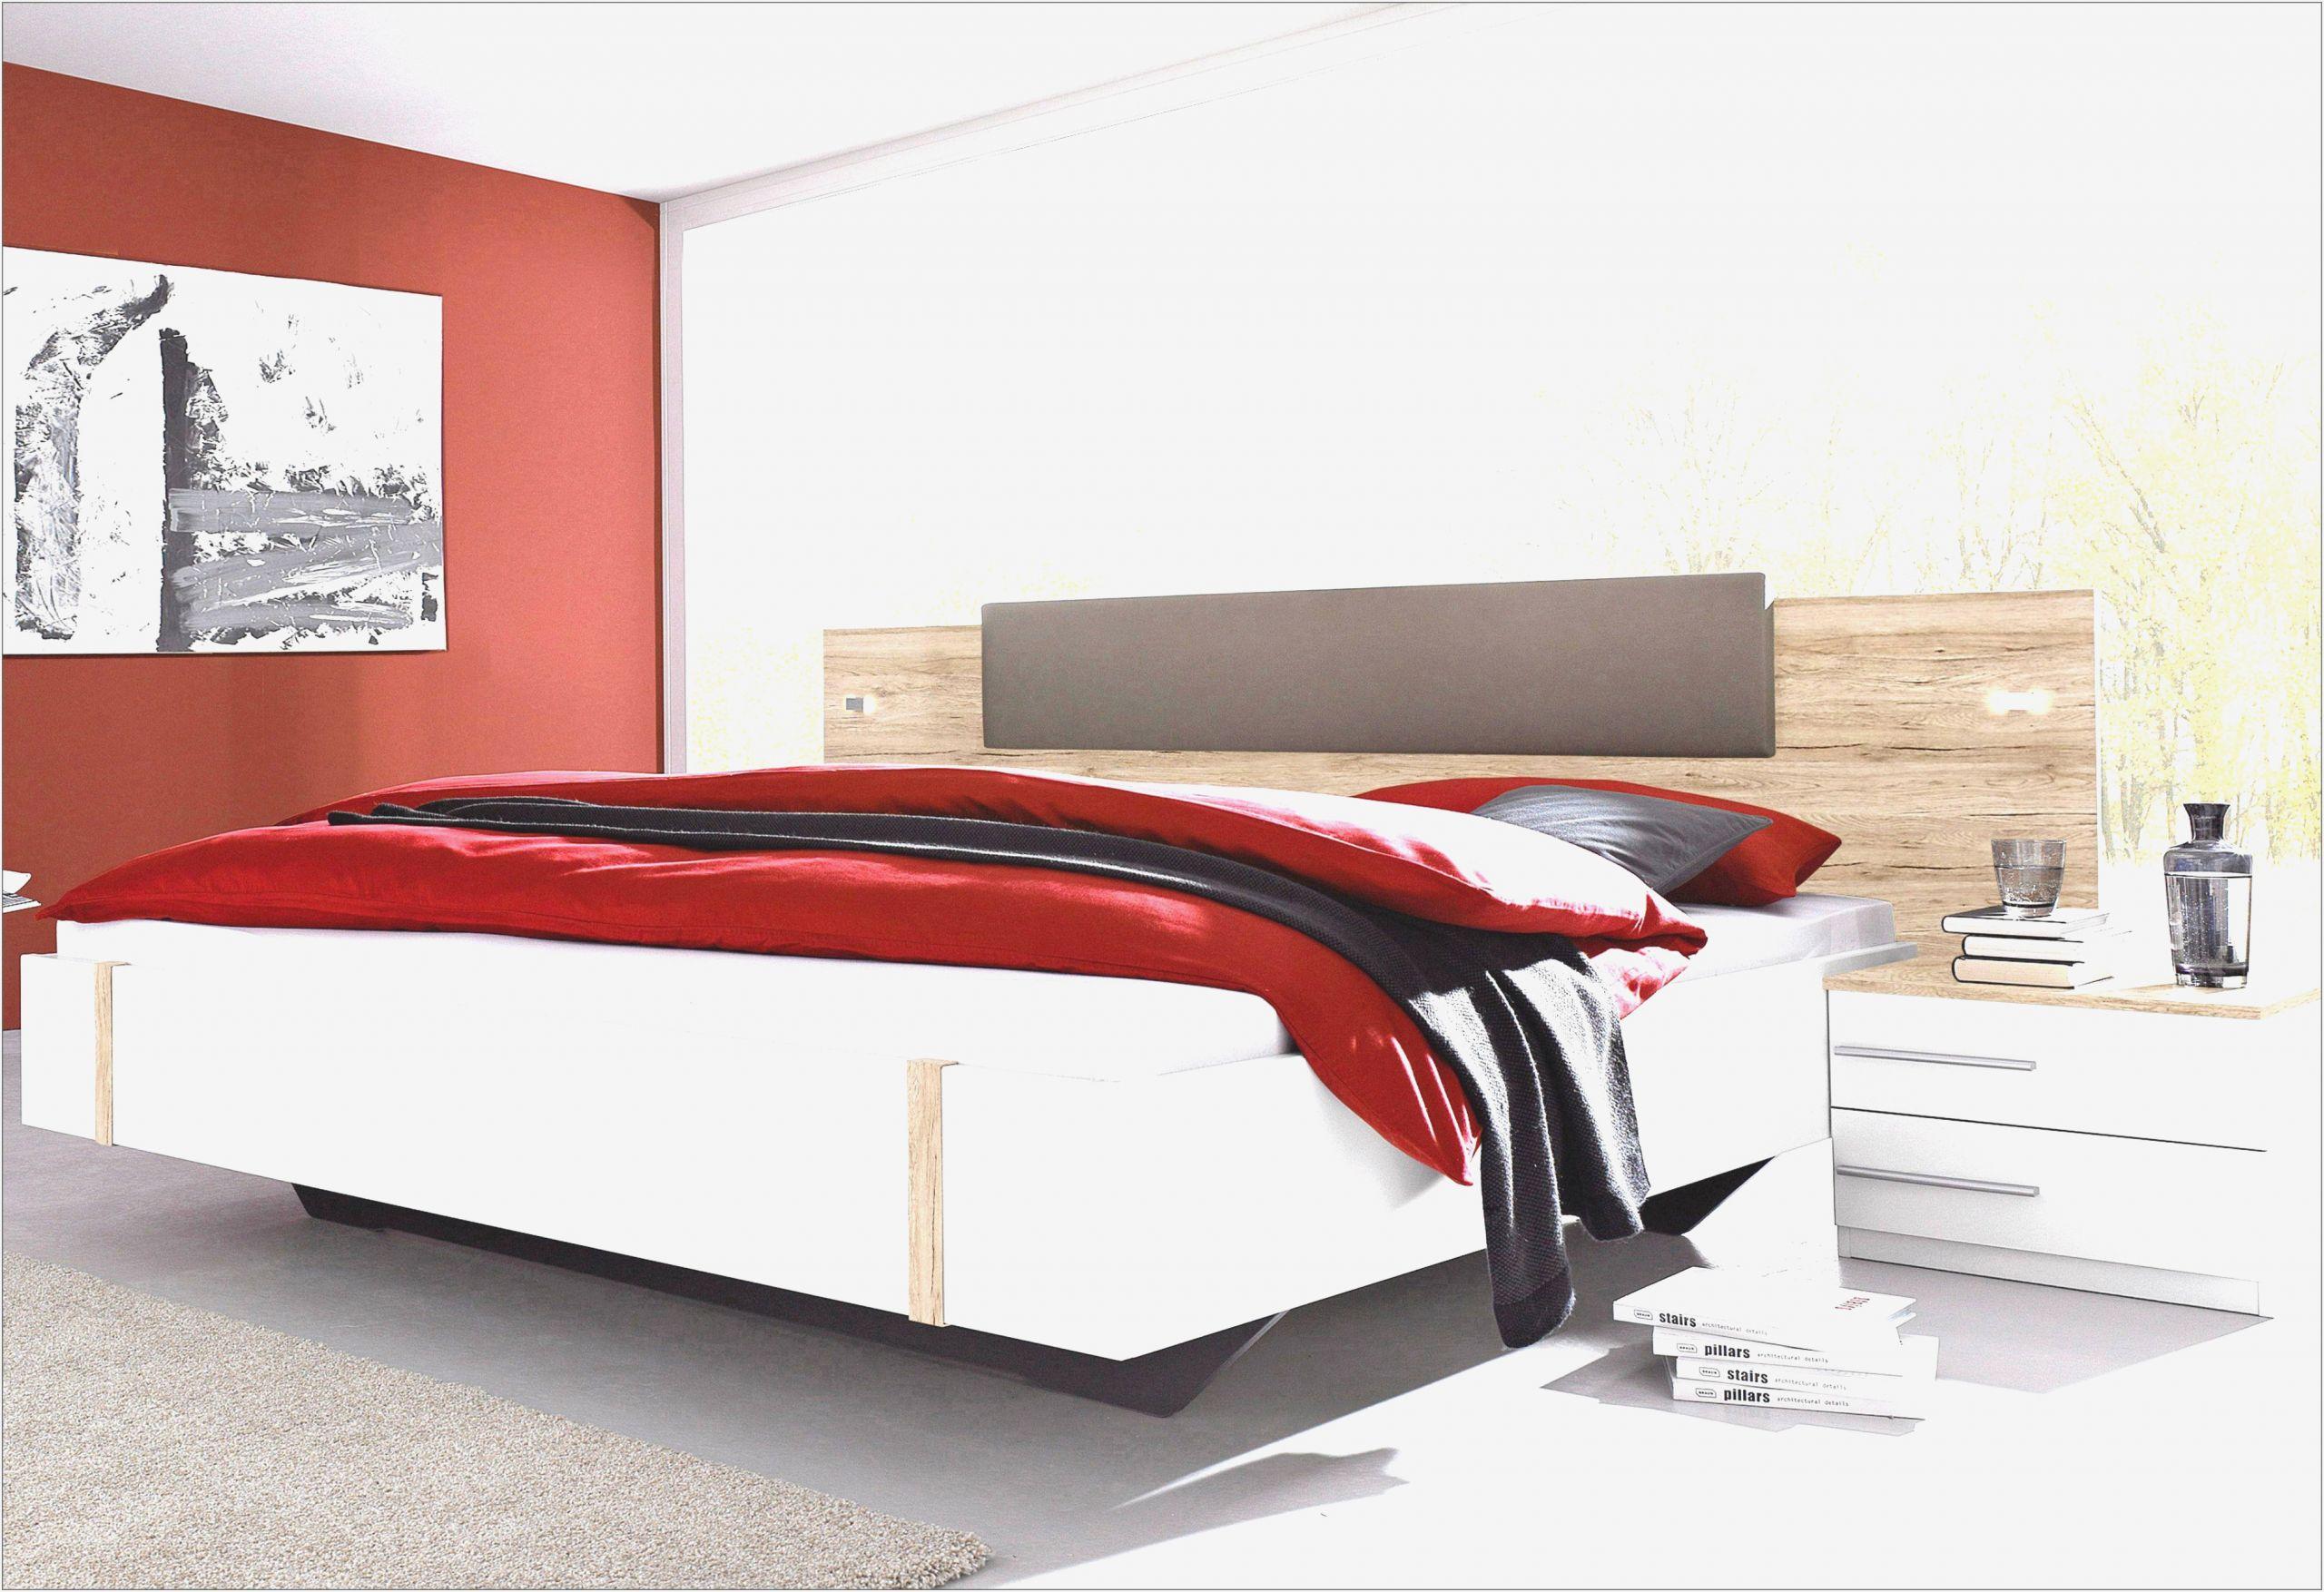 Full Size of Tapeten Für Die Küche Poco Big Sofa Bett 140x200 Schlafzimmer Komplett Fototapeten Wohnzimmer Betten Ideen Wohnzimmer Poco Tapeten